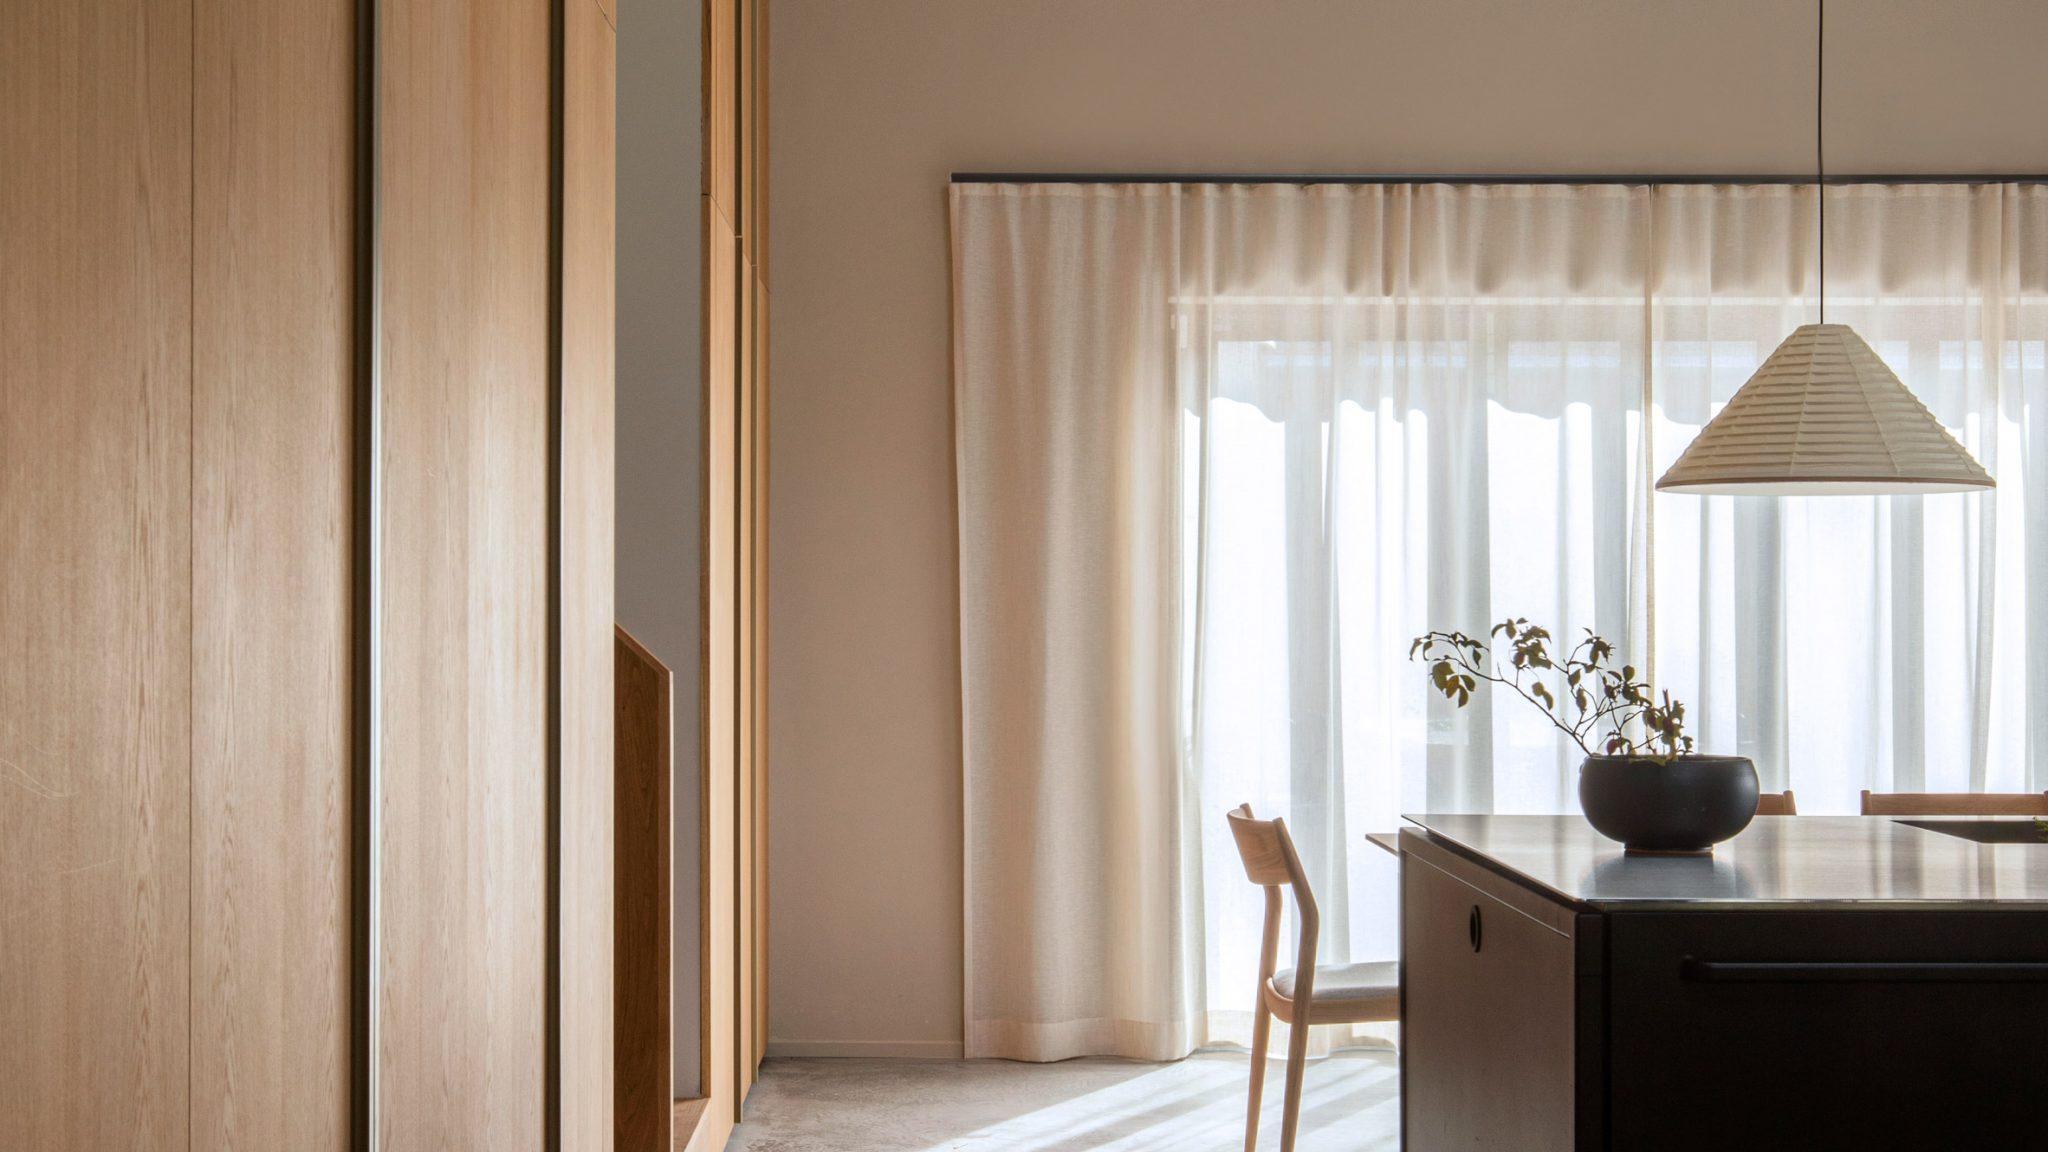 kính tràn trần phong cách nội thất tối giản (minimalism)